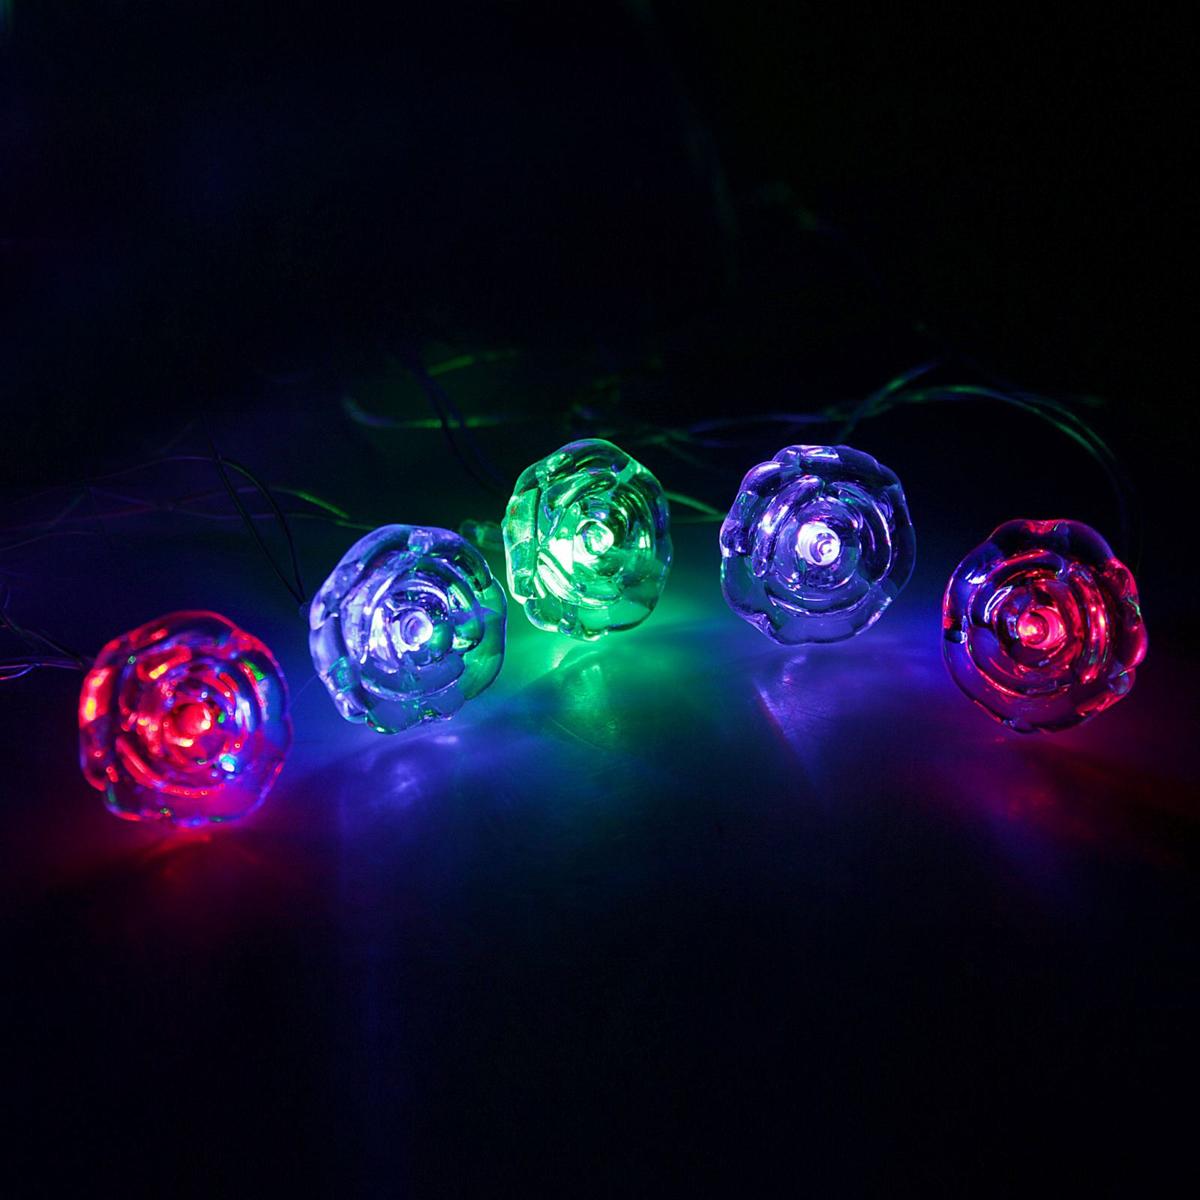 Гирлянда светодиодная Luazon Метраж. Цветочки, 20 ламп, 220 V, длина 5 м671573Светодиодные гирлянды и ленты — это отличный вариант для новогоднего оформления интерьера или фасада. С их помощью помещение любого размера можно превратить в праздничный зал, а внешние элементы зданий, украшенные ими, мгновенно станут напоминать очертания сказочного дворца. Такие украшения создают ауру предвкушения чуда. Деревья, фасады, витрины, окна и арки будто специально созданы, чтобы вы украсили их светящимися нитями.